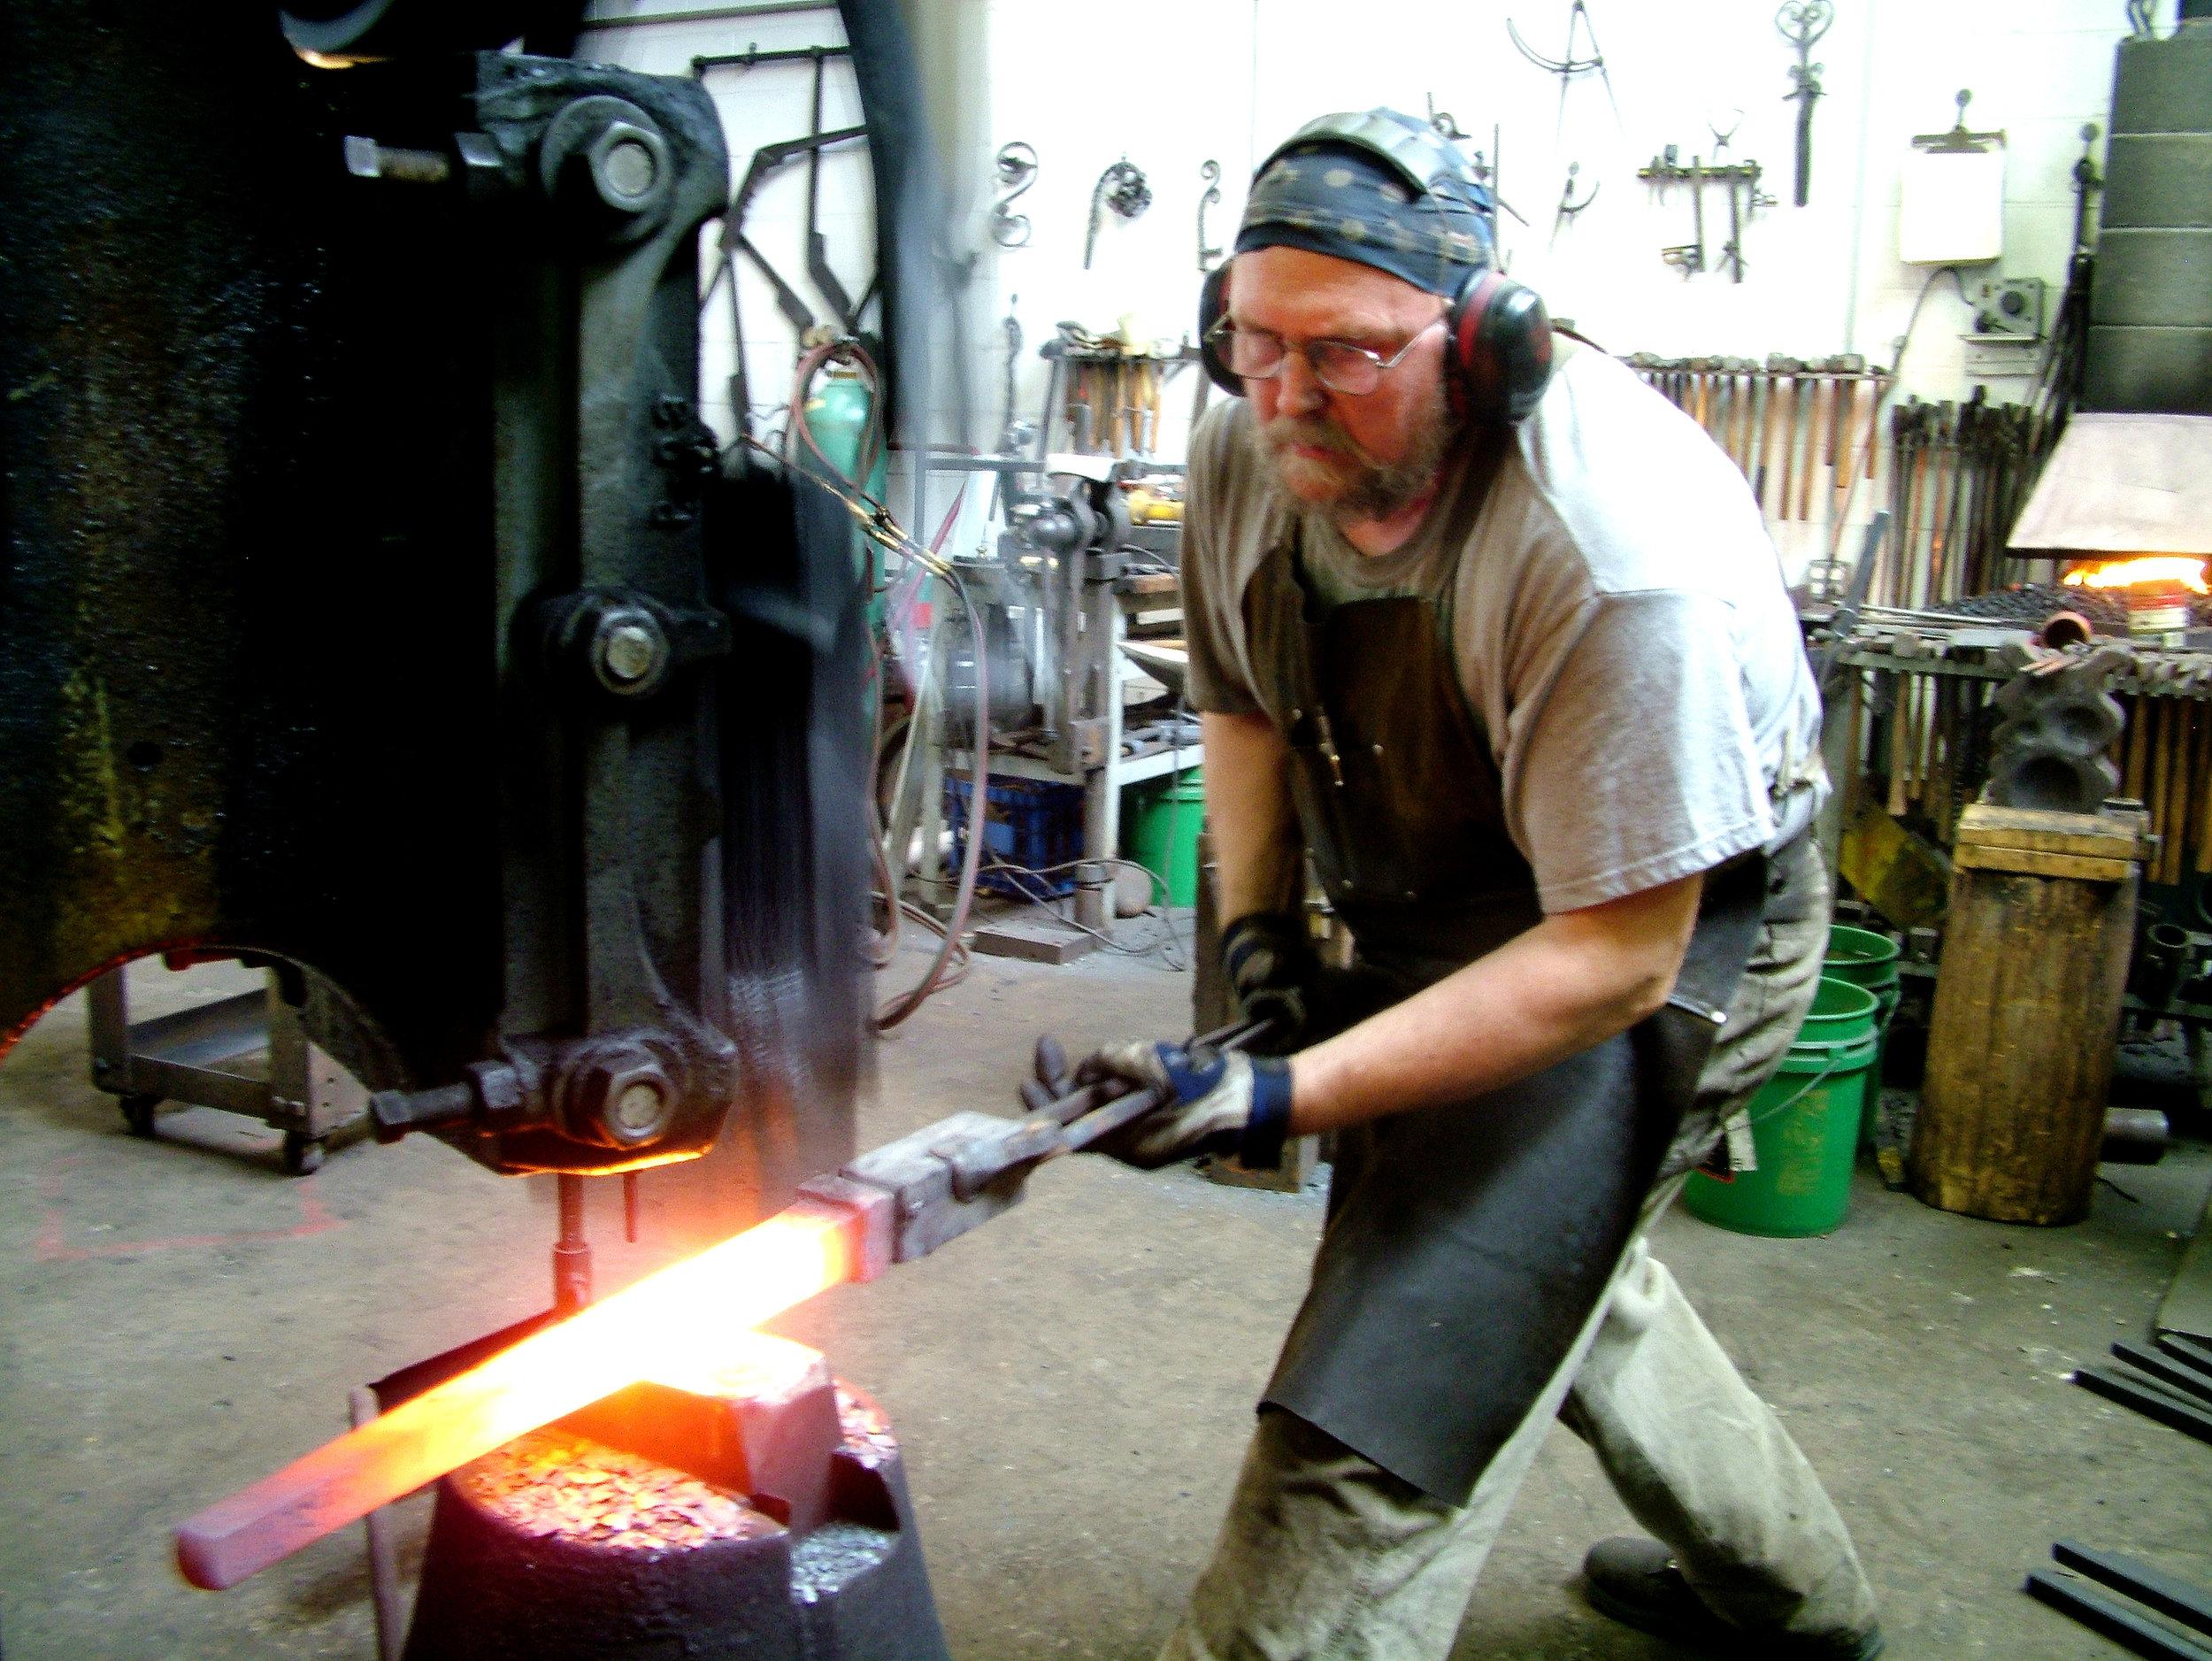 Frederic-Crist-metalsmith-hammer-work.jpg